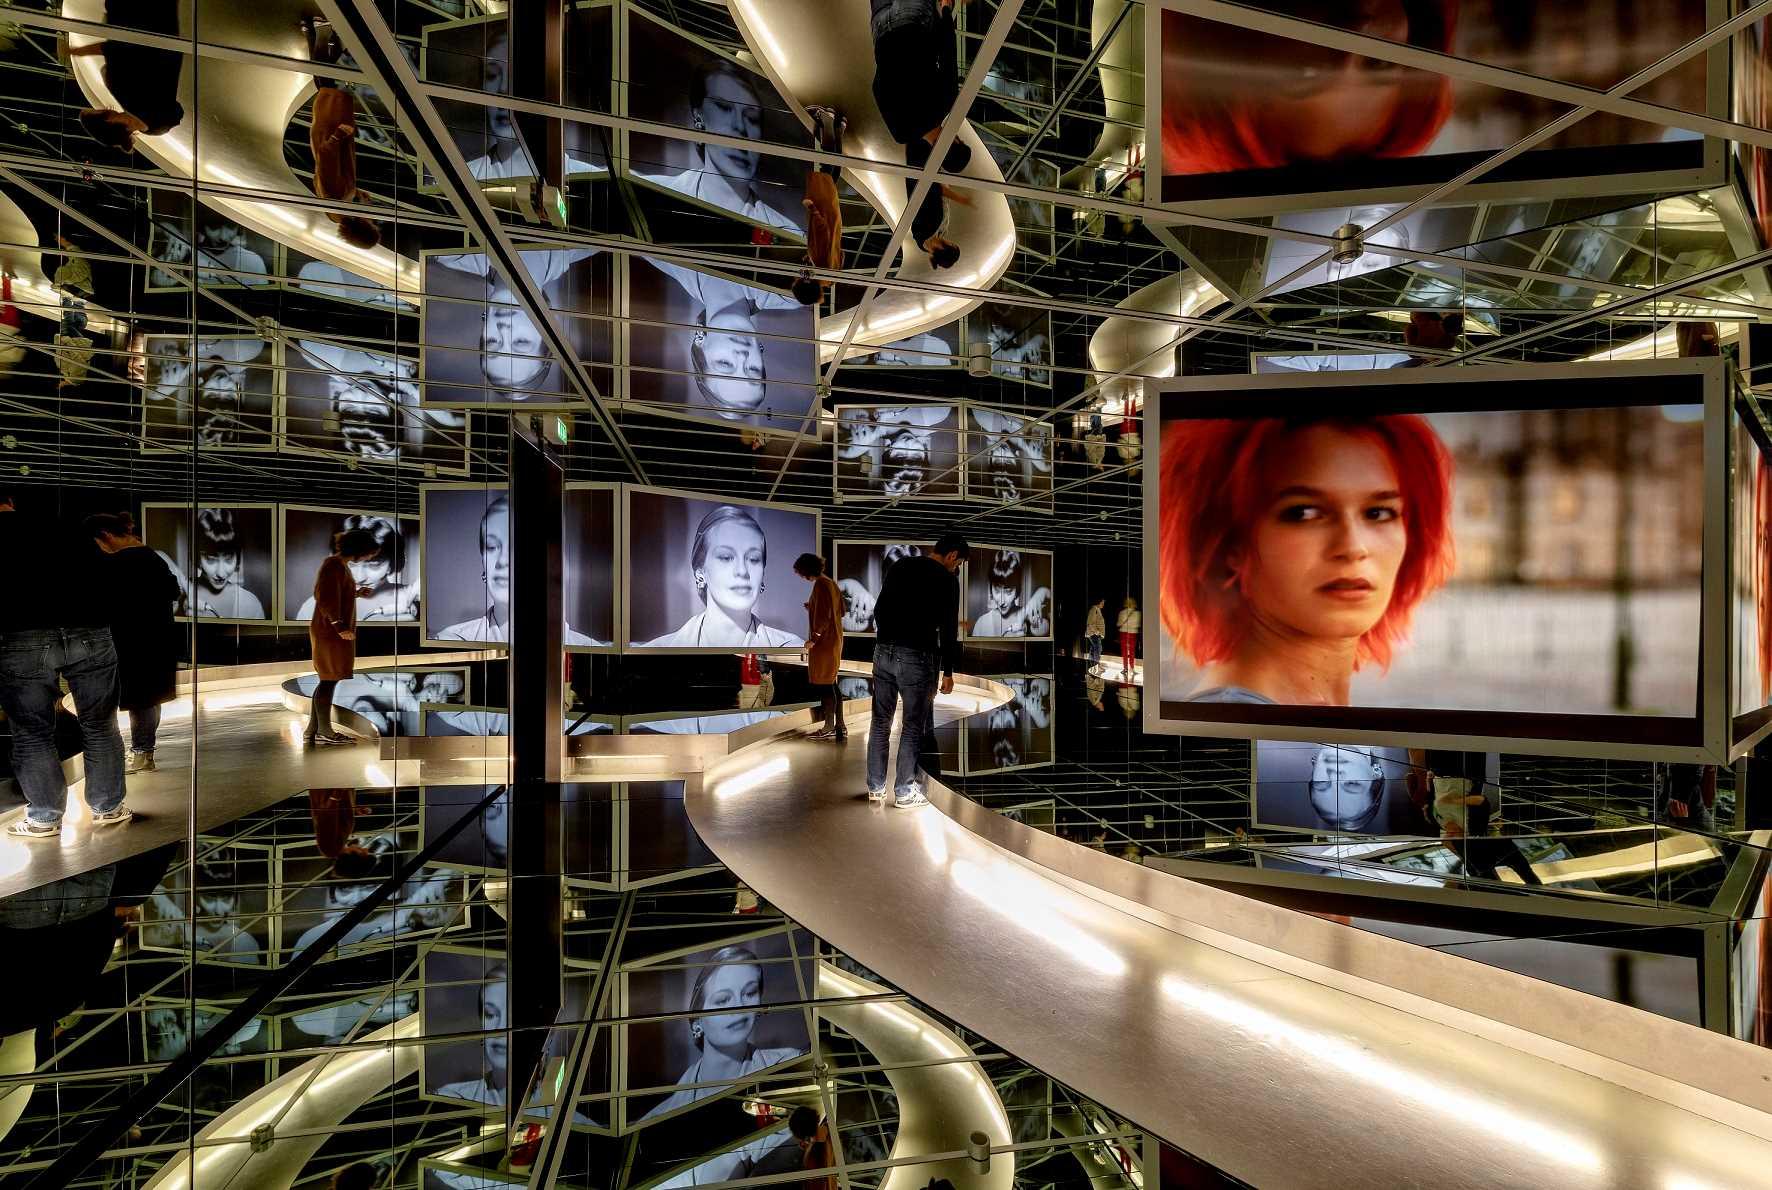 Deutsche Kinemathek im Filmhaus Sony Center am Potsdamer Platz